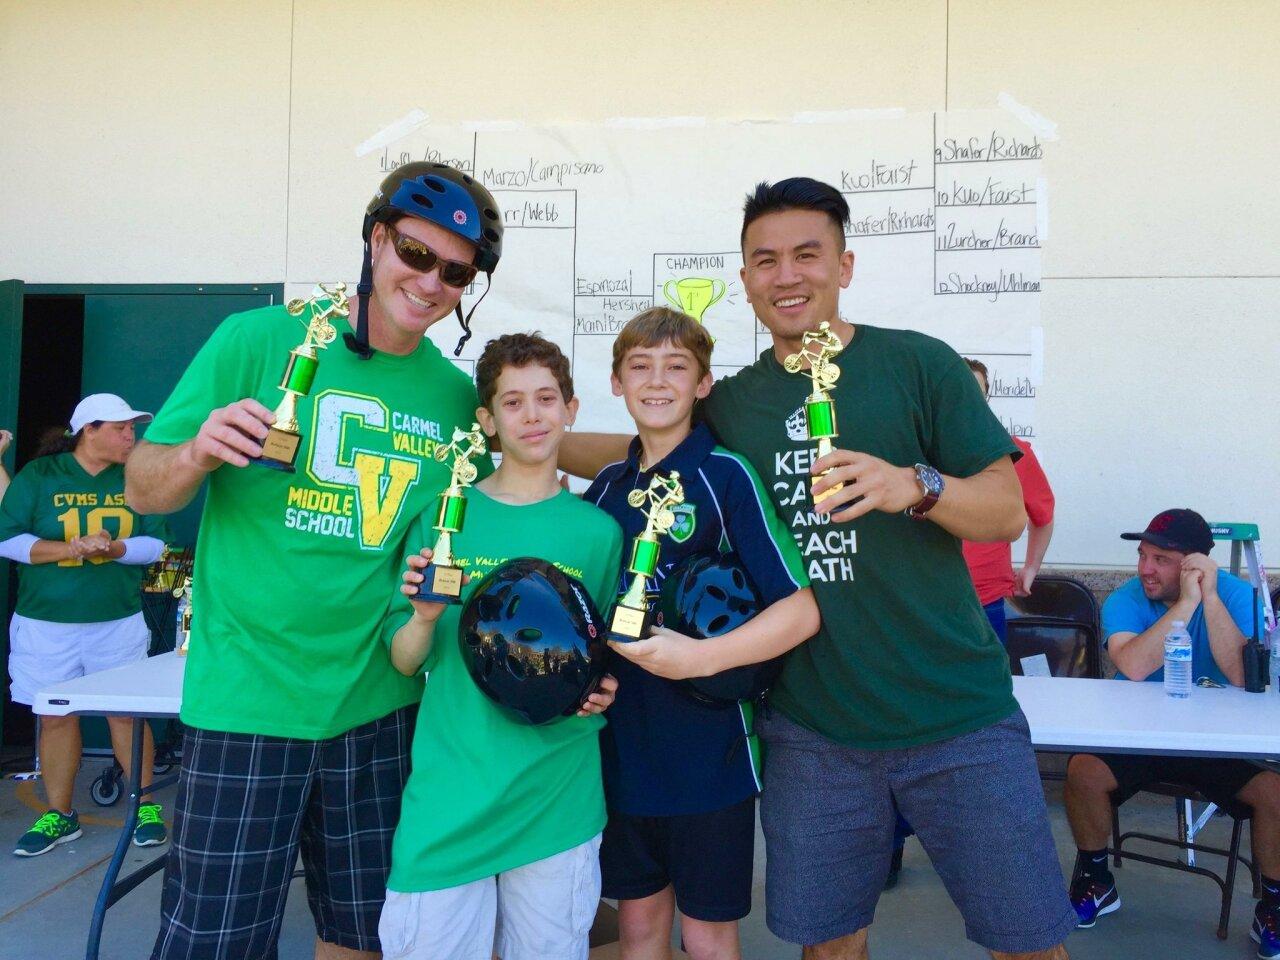 Bobcat 500 winning team: Chris Faist, Aaron Reingold, Sean Cooney, Kendrick Kuo